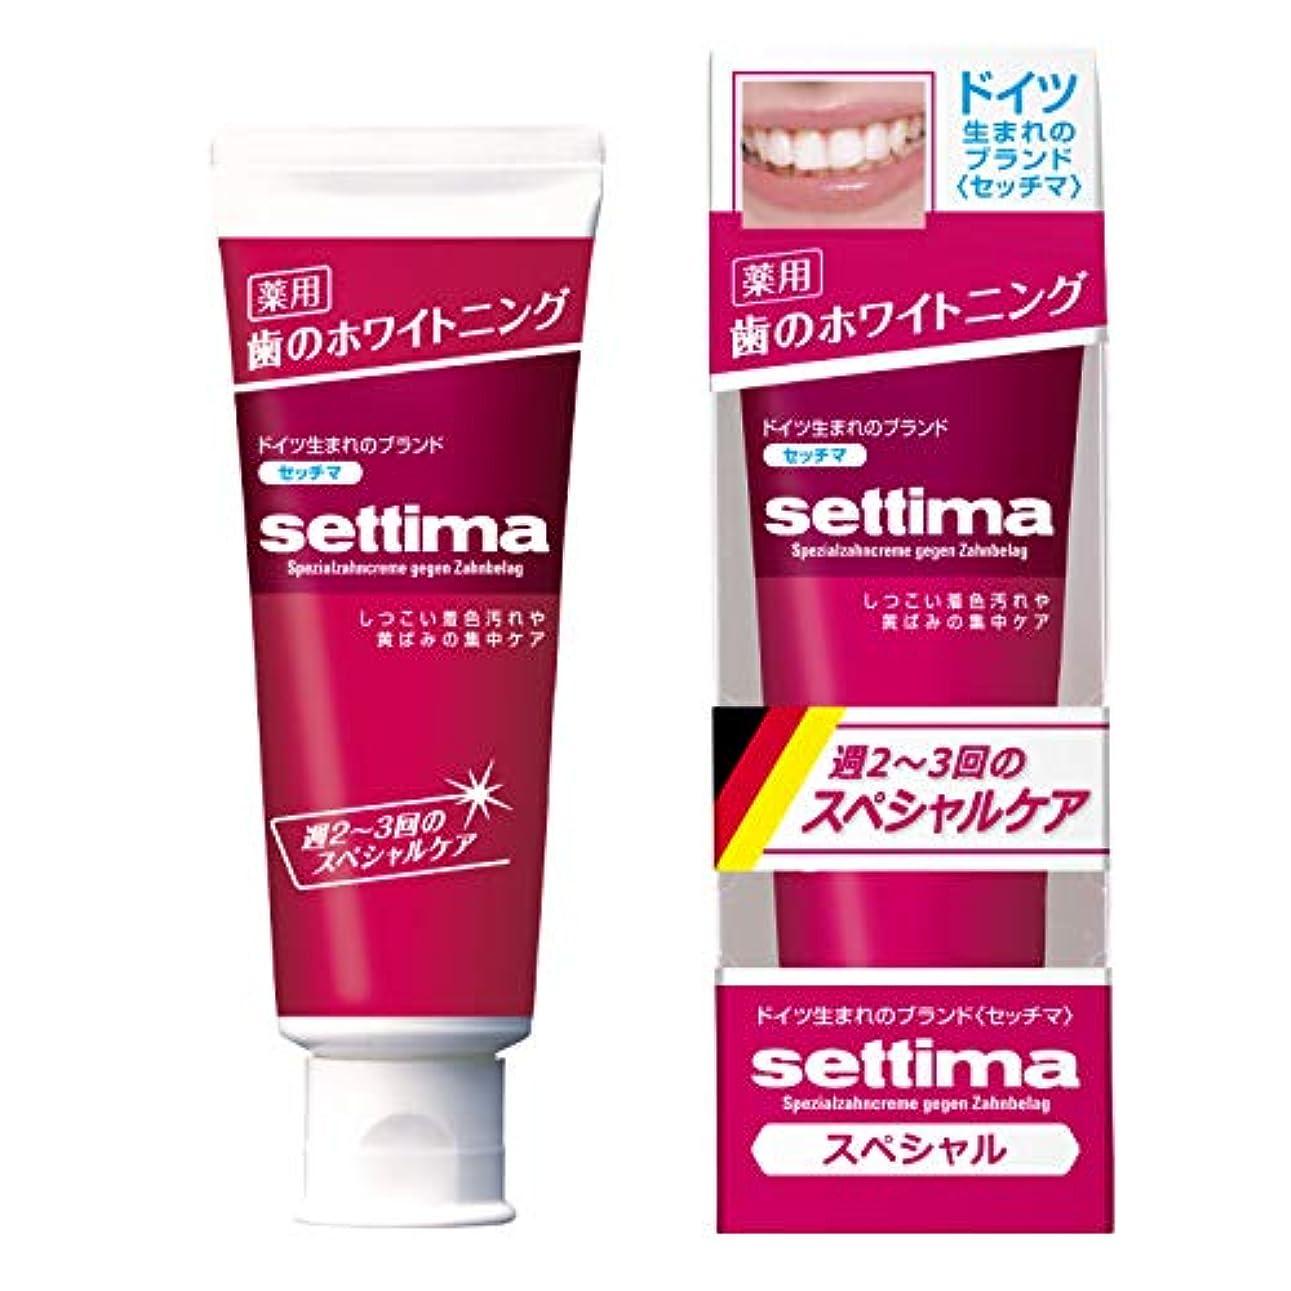 ピボット妥協怪物settima(セッチマ) ホワイトニング 歯みがき スペシャルケア [ペパーミントタイプ] 80g